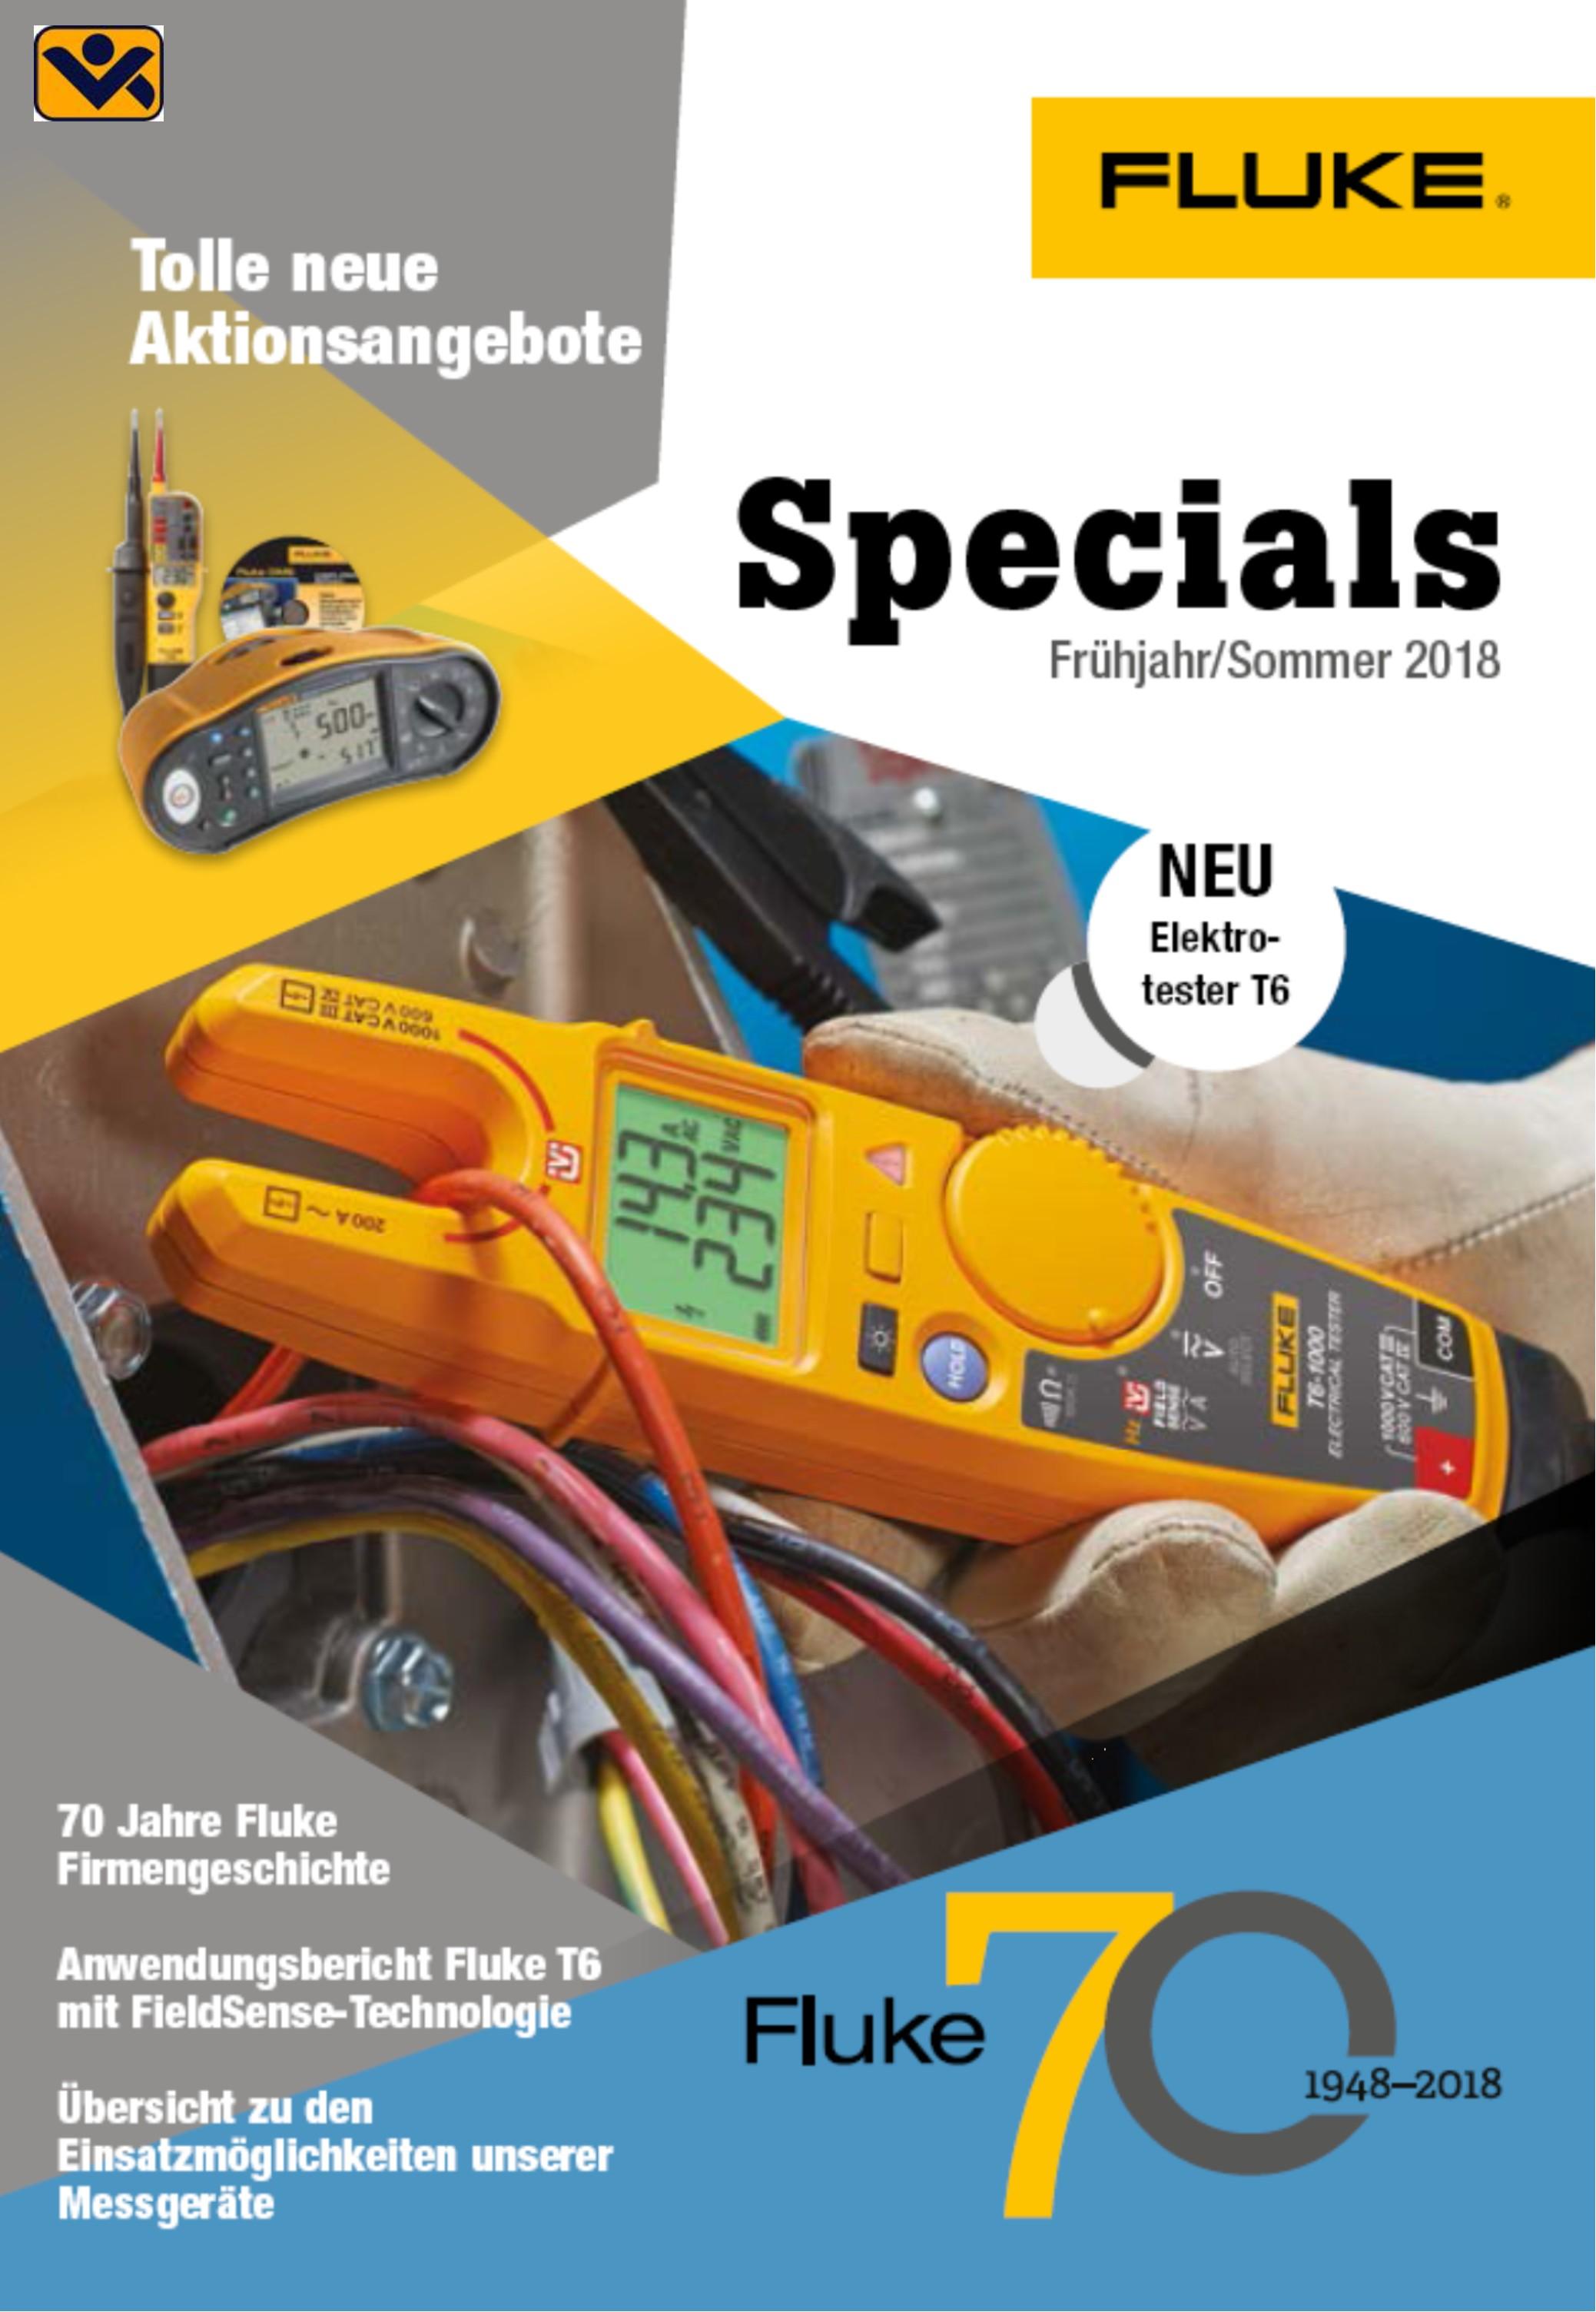 Specials Fluke Fruehjahr Sommer 2018 Aktion Elektrotester Fluke T6_Stromzange_Tis20_6500-2_1664FC_1663FC_Fluke_325_pdf